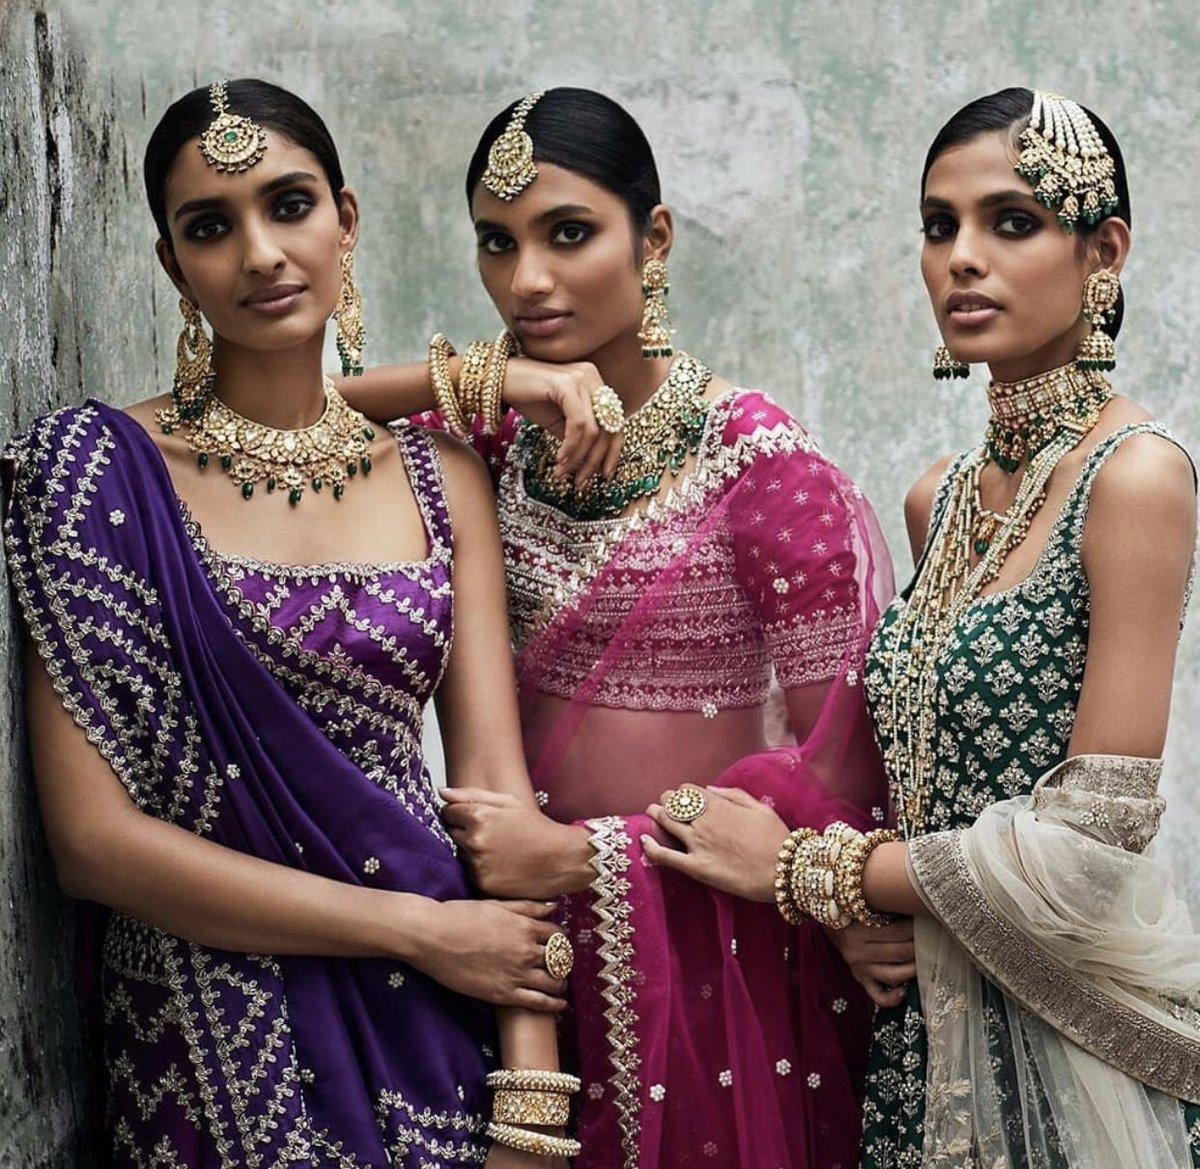 Anushree Reddy x Kishandas Jewelry https://t.co/J8KAaxK0WG